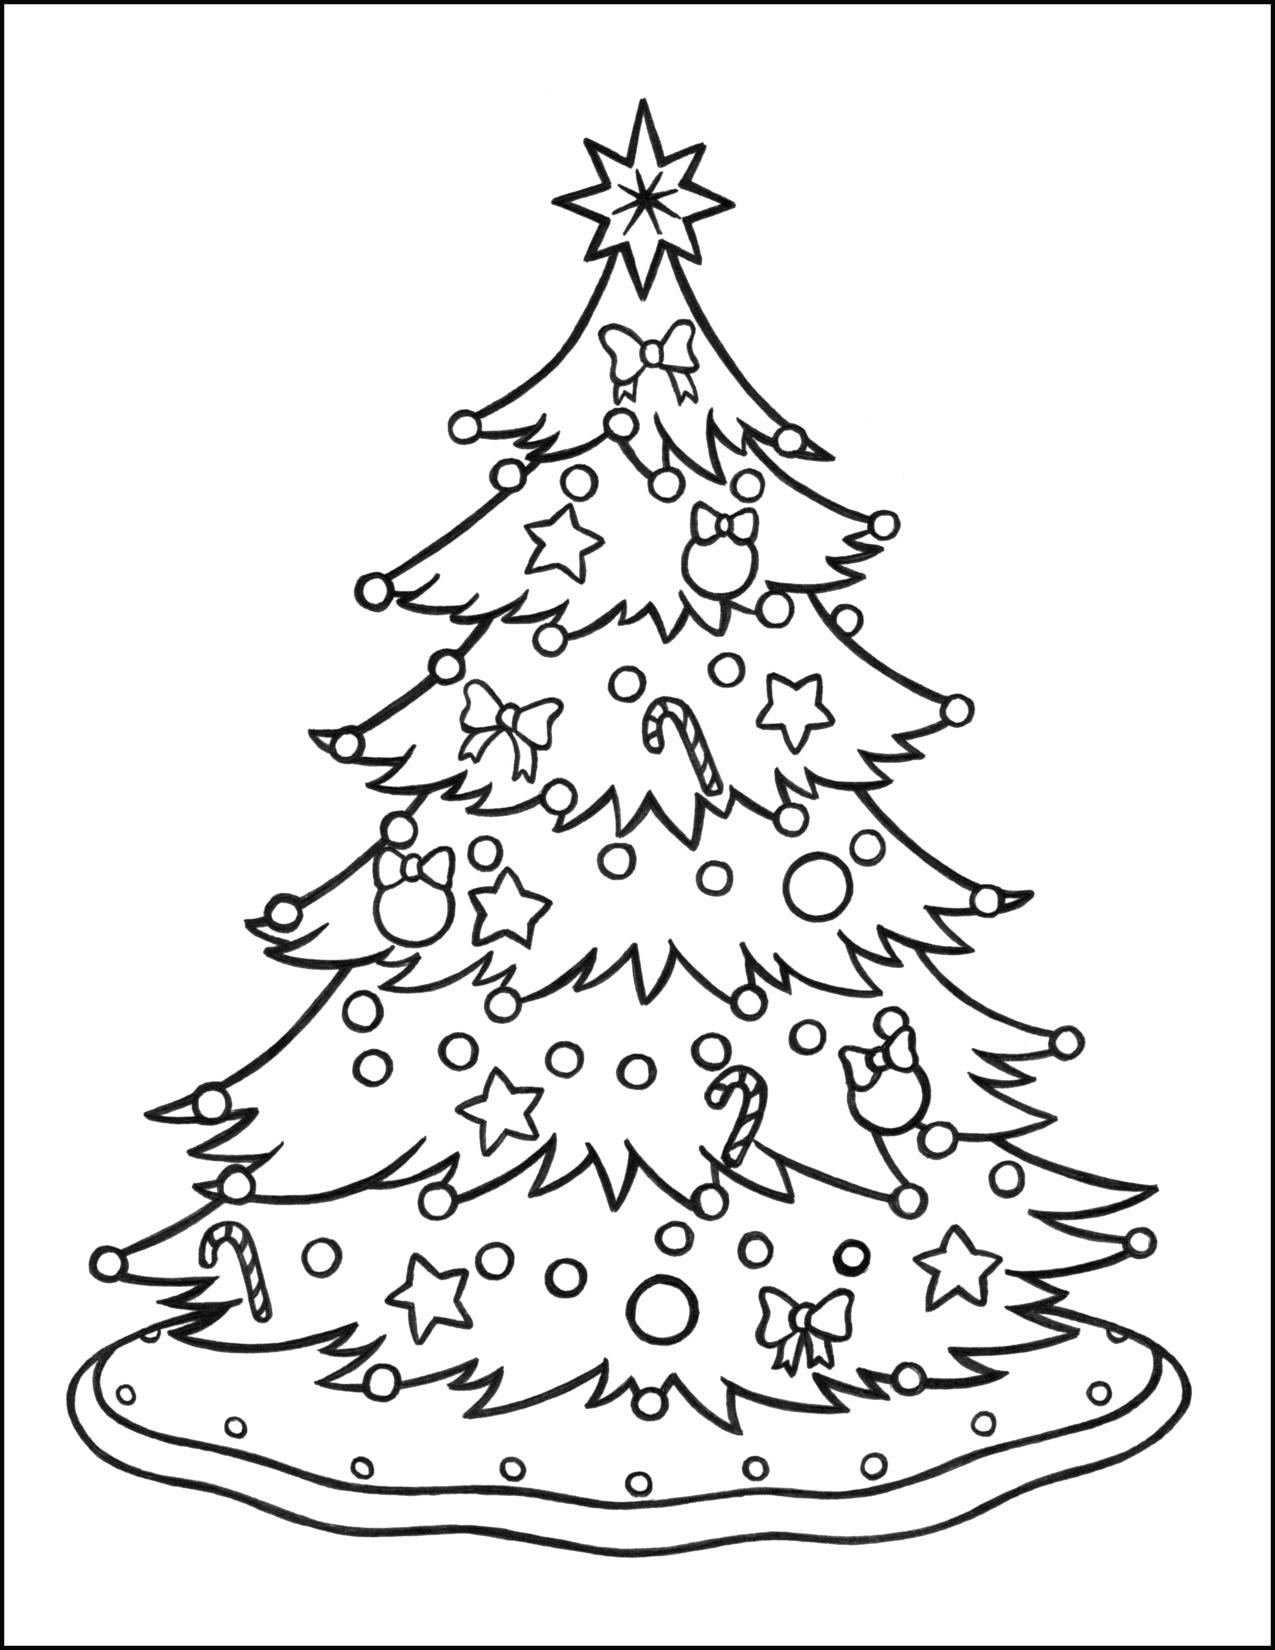 Tranh tô màu cây thông Noel cực đẹp